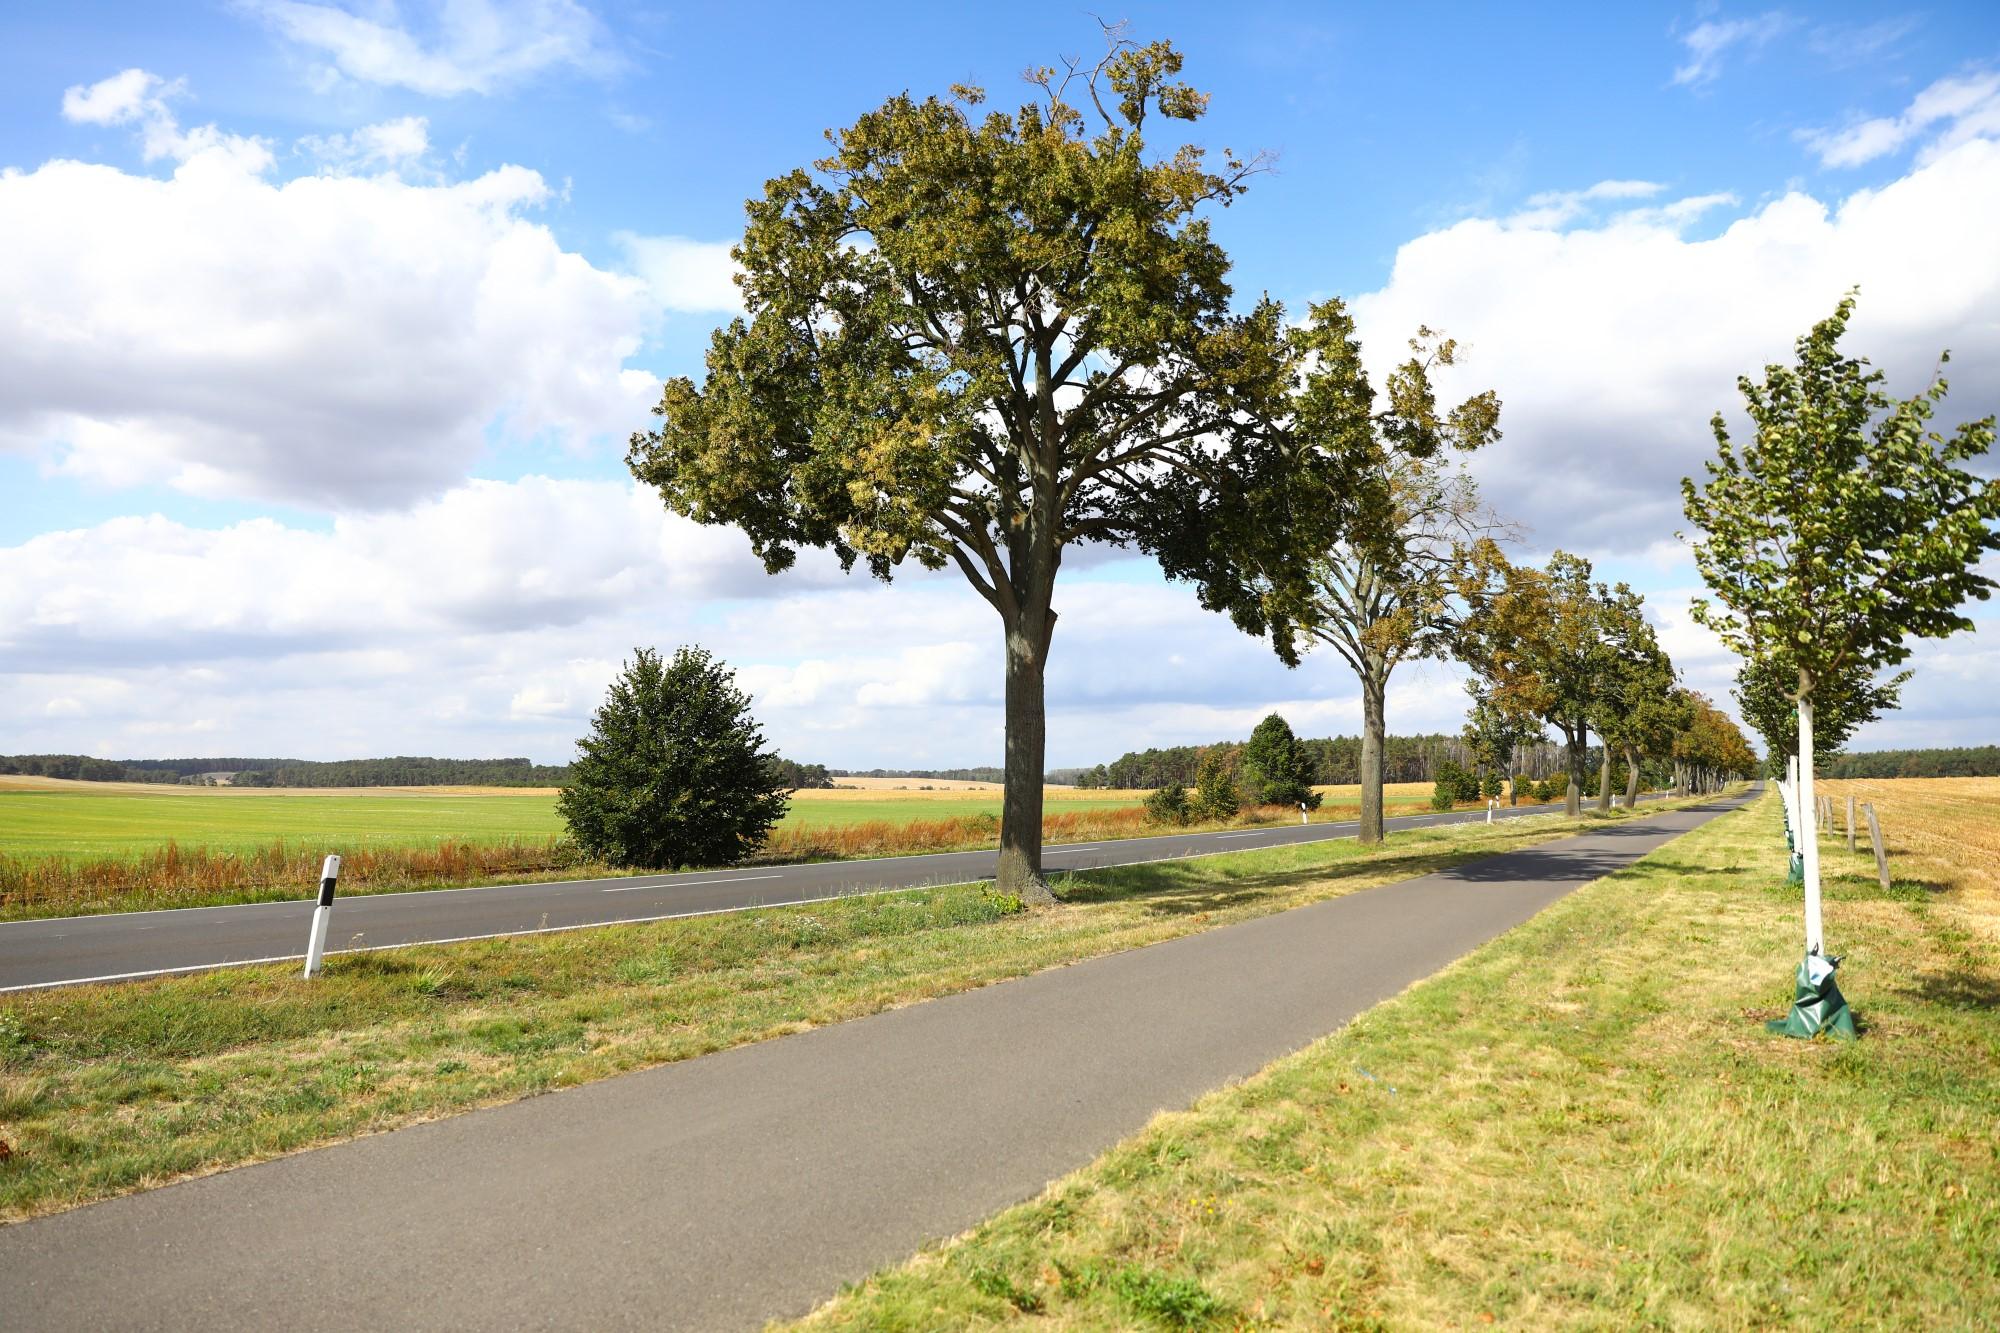 Radwege – Radweg in Bad Belzig